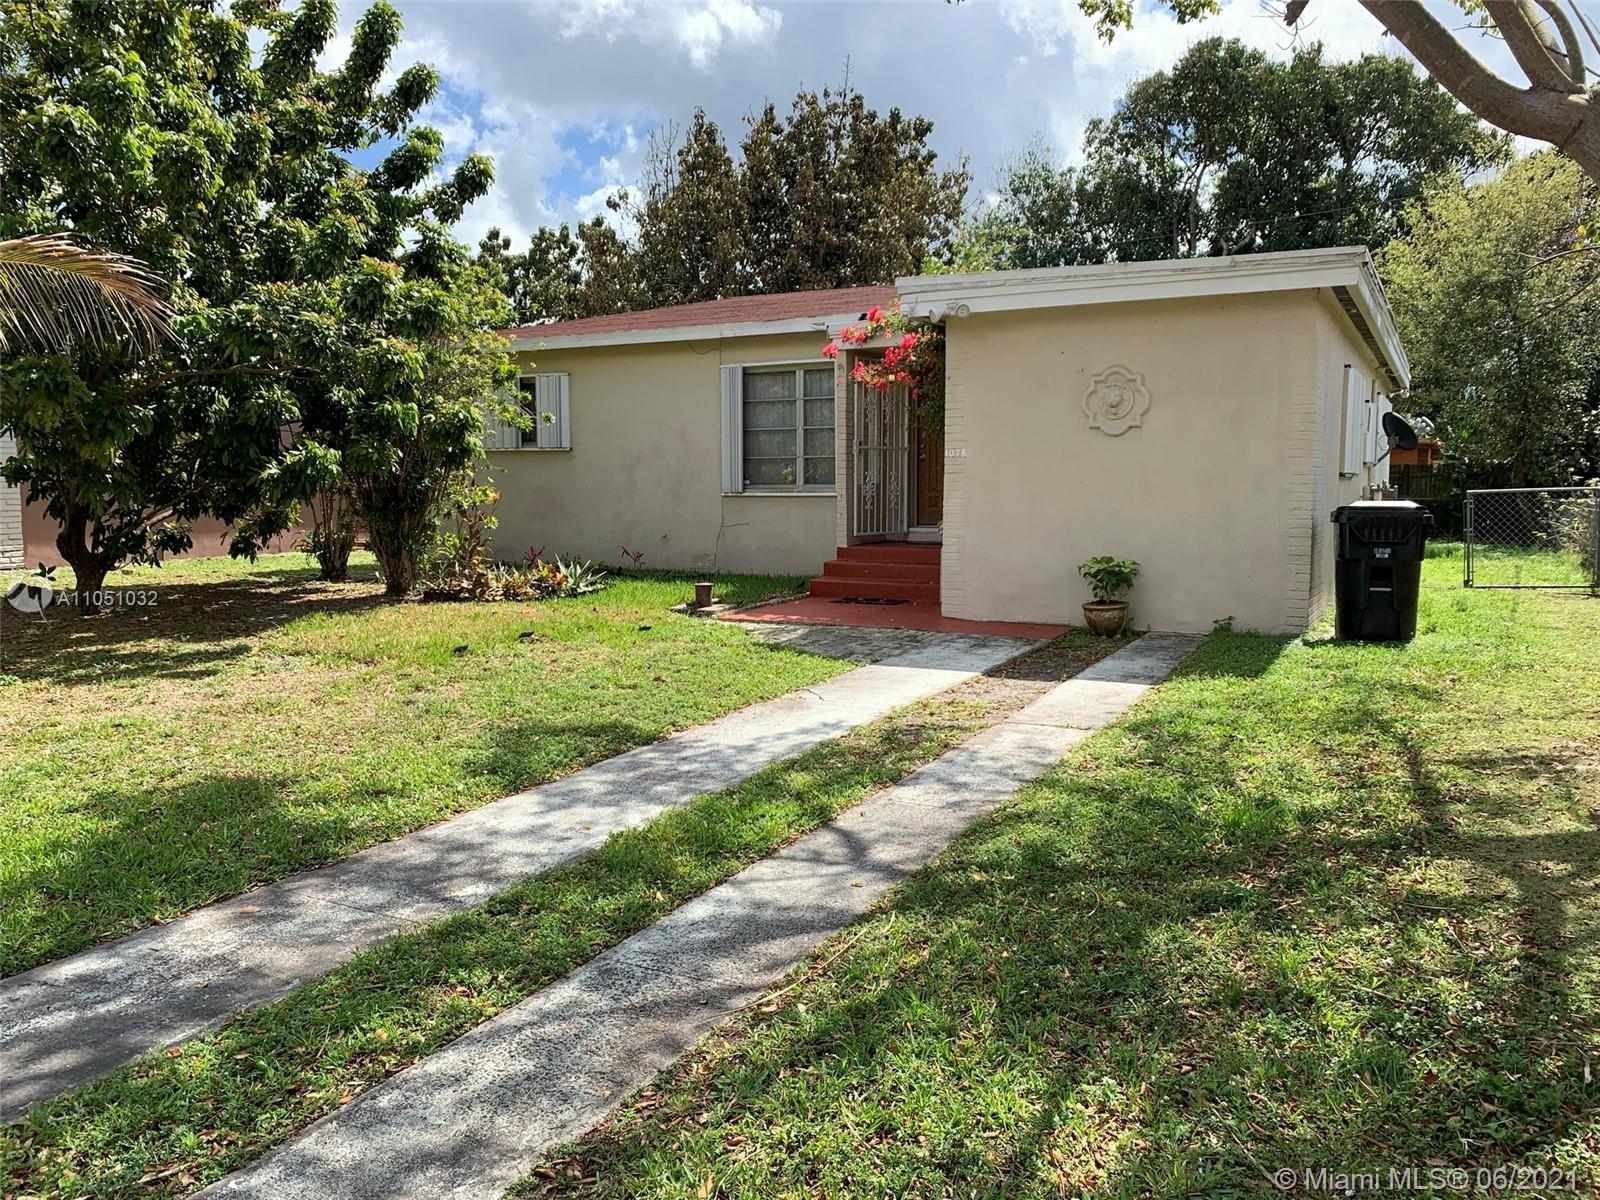 North Miami Beach - 1078 NE 157th Ter, North Miami Beach, FL 33162